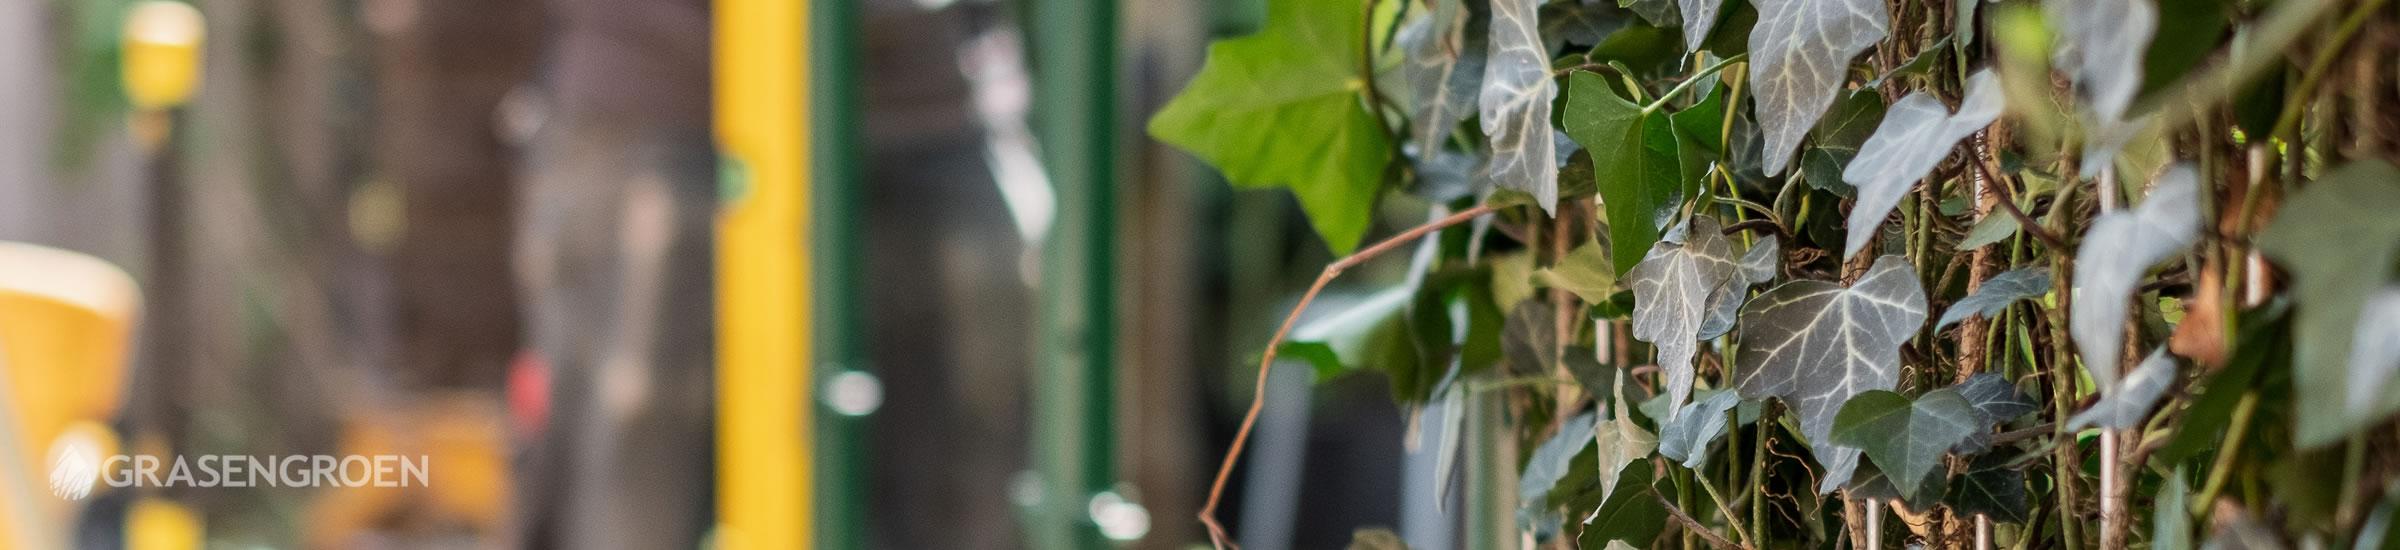 Zelfkantenklaarhaagaanplanten • Gras en Groen Winkel